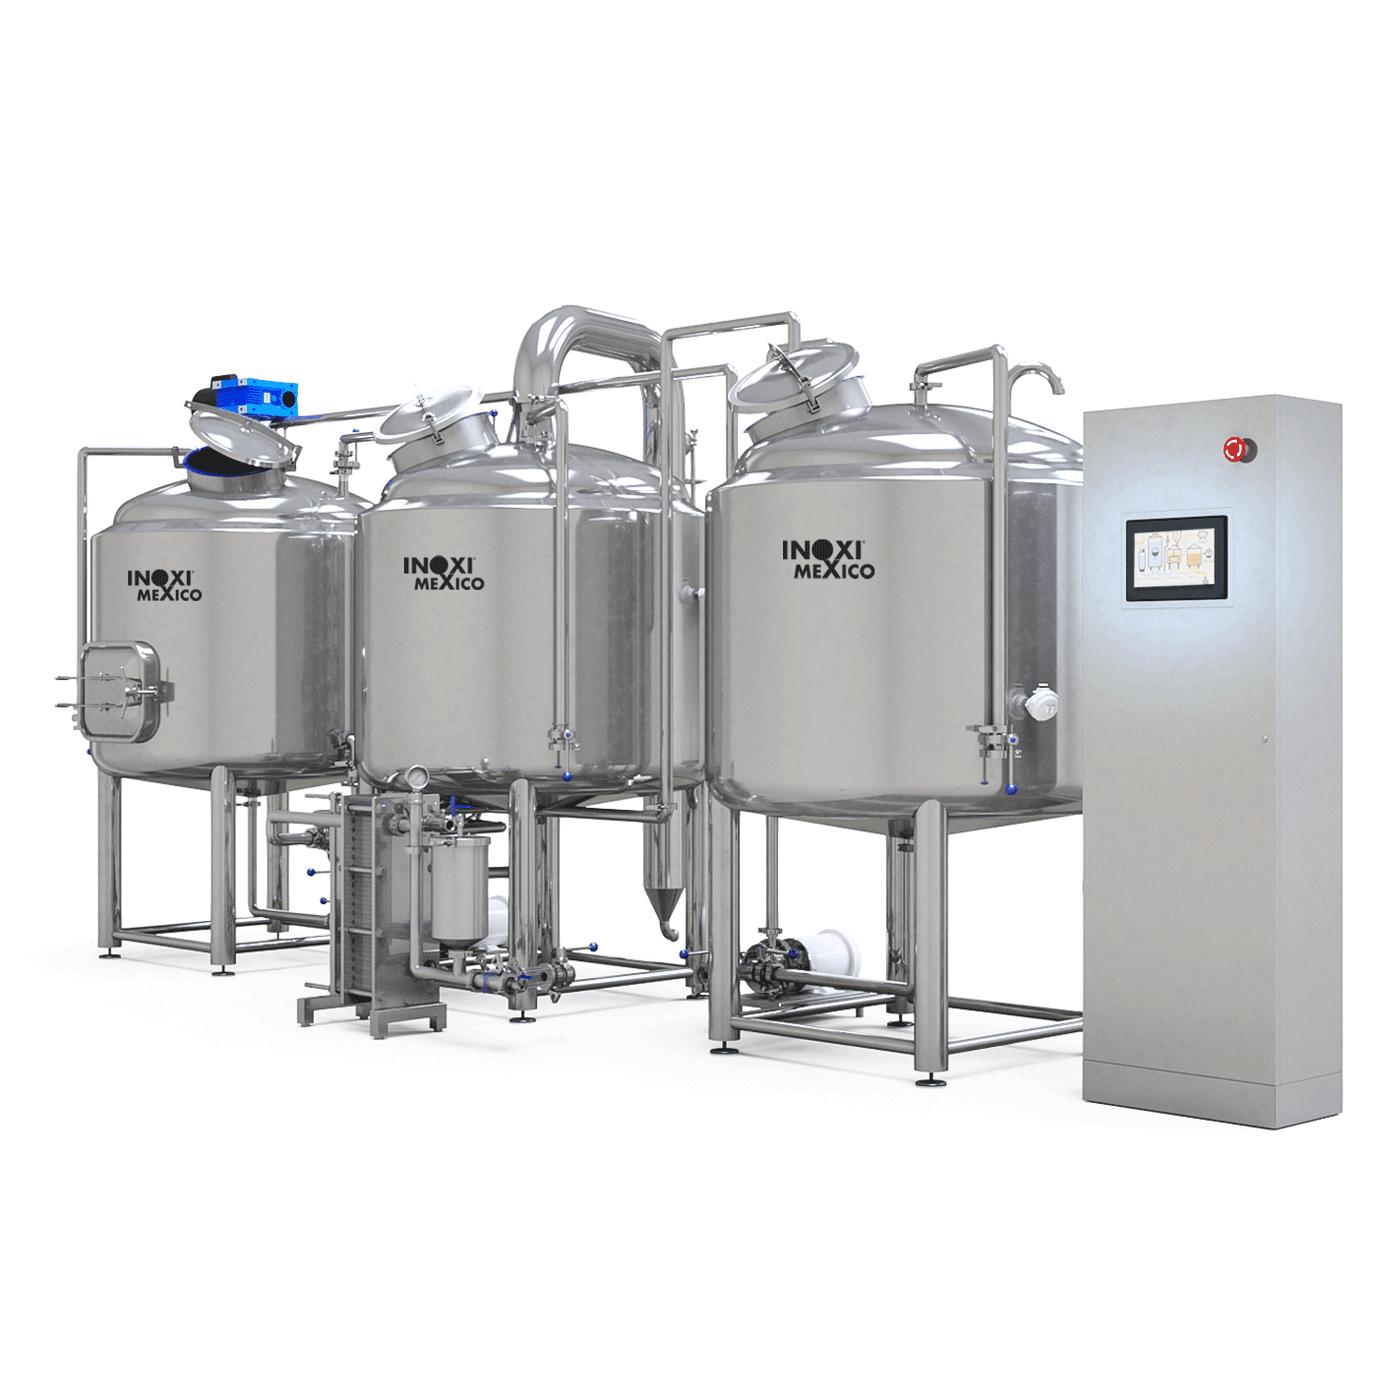 BrewersPro Eléctrico 360 Litros Nominales / (300L - 2.5 BBL Útil)